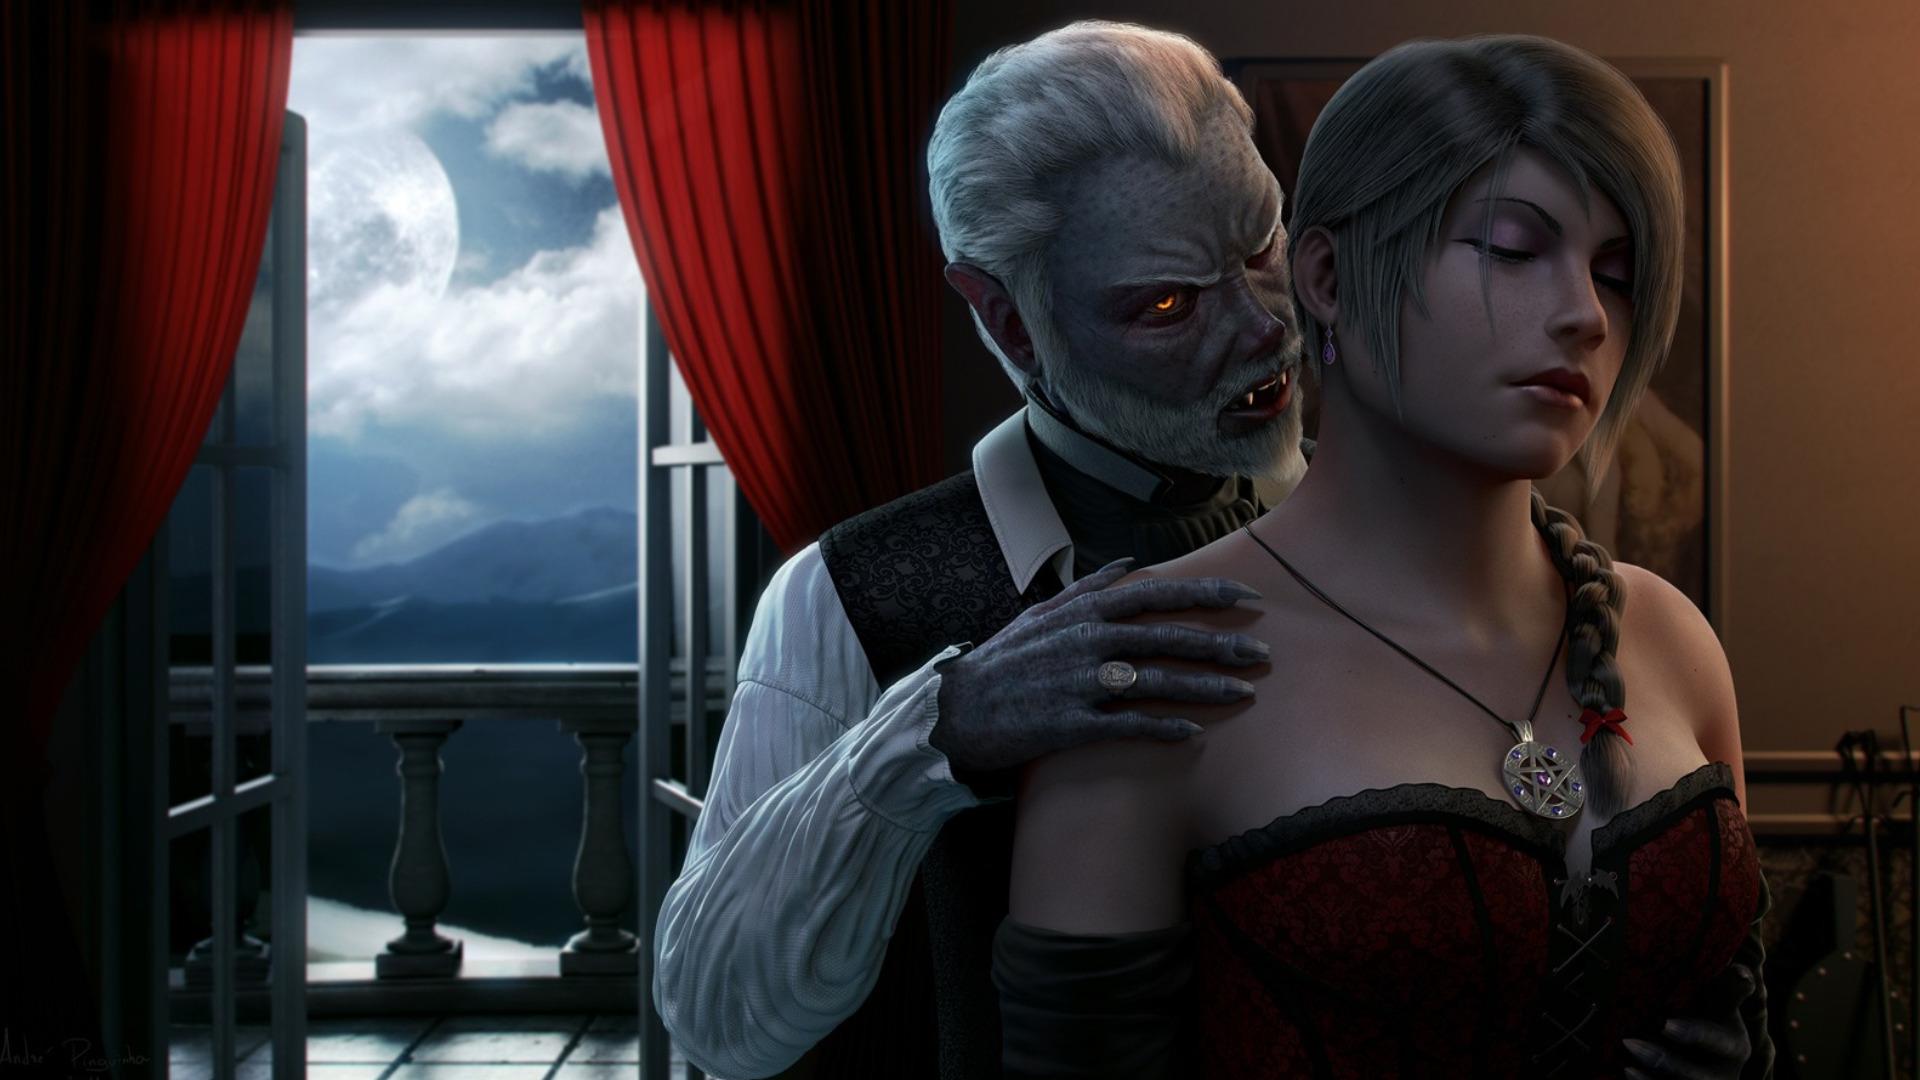 vampire wallpapers for desktop